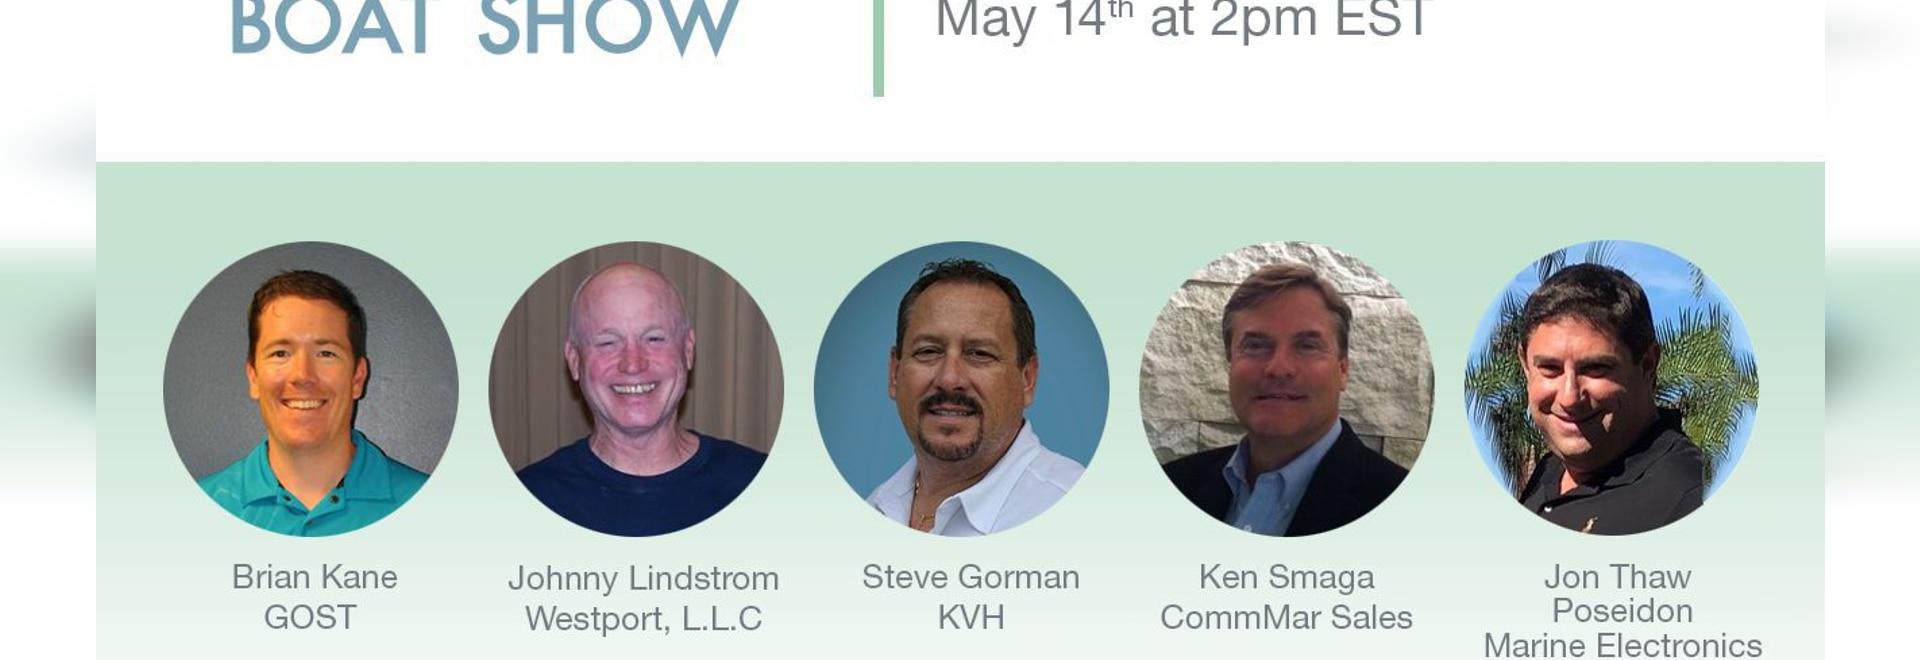 Imparare a conoscere Internet e la TV per barche e yacht ai seminari educativi KVH 5/14 e 5/20